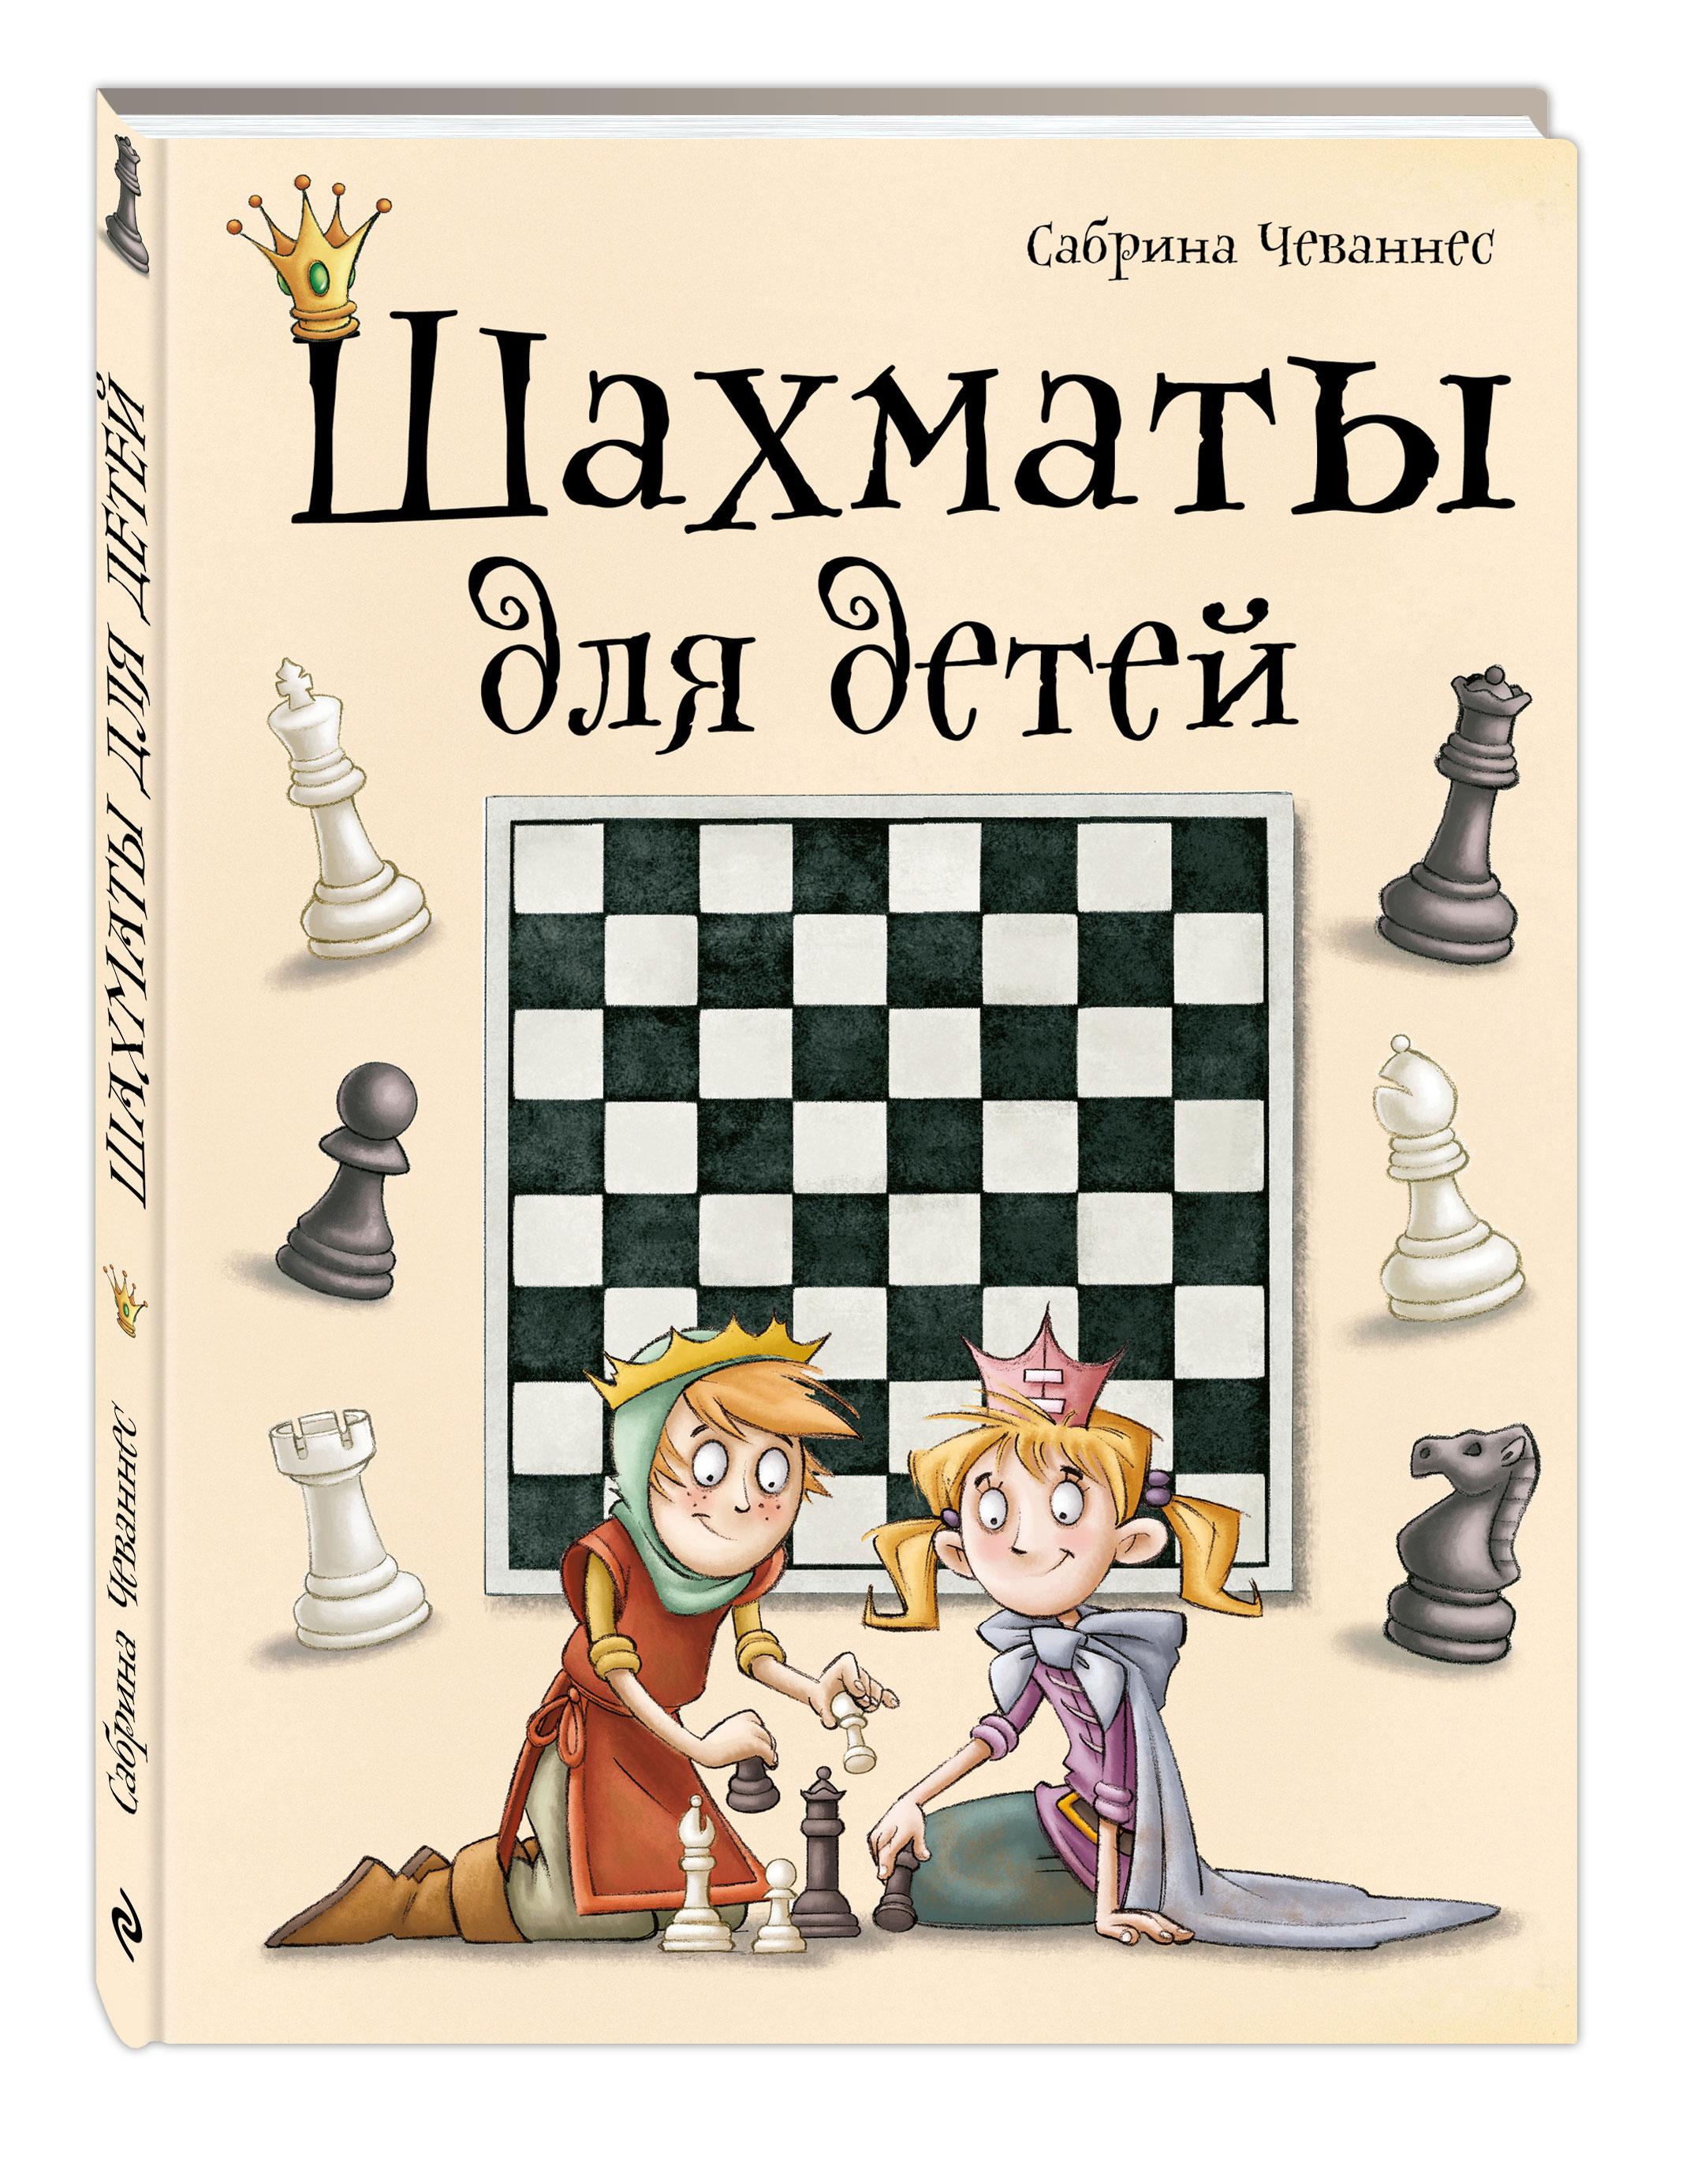 Чеваннес С. Шахматы для детей шахматные задачи миниатюры